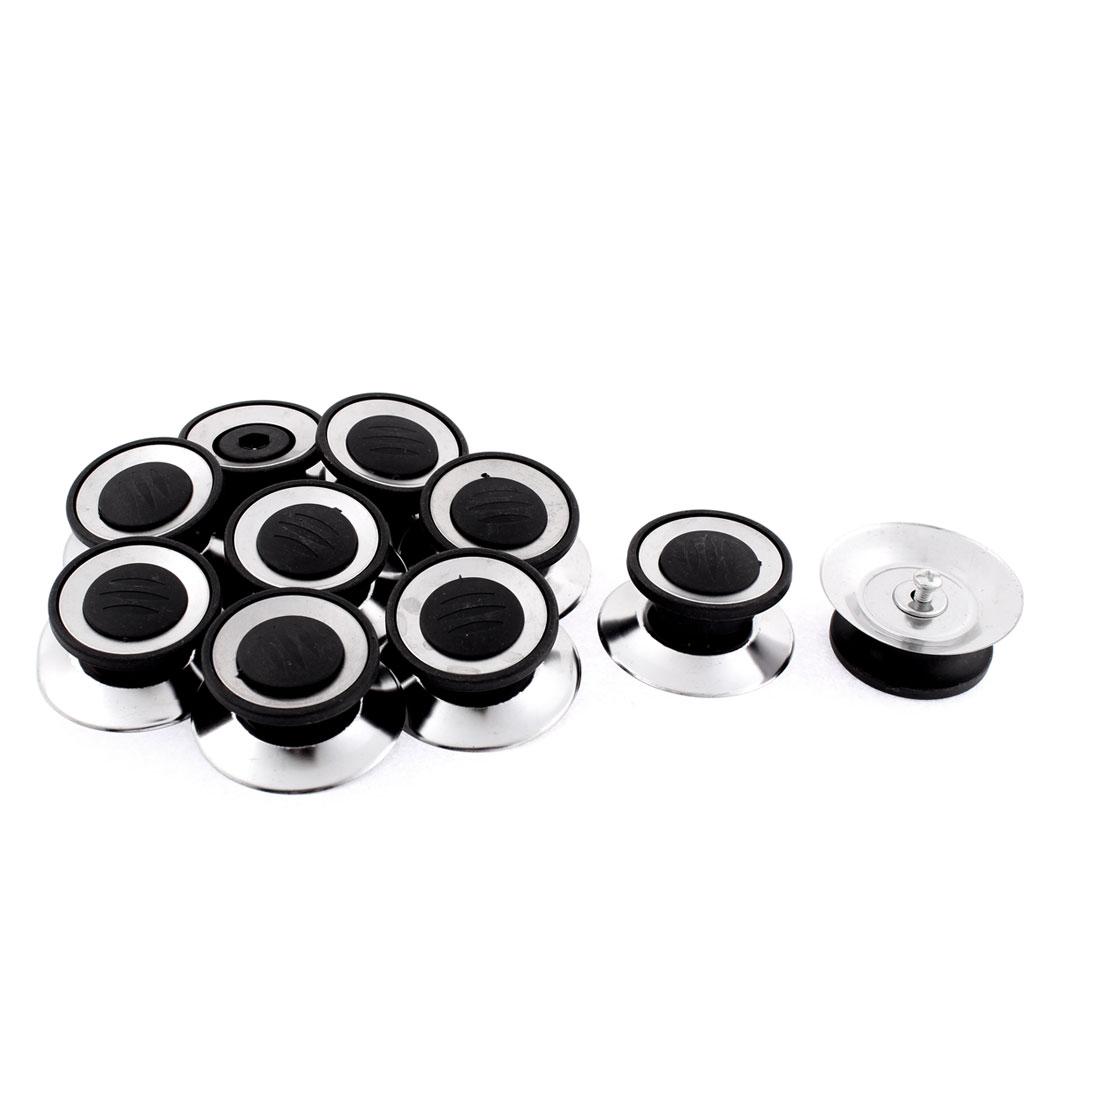 Kitchen Cookware Pot Kettle Lid Knobs Cover Handgrip 54mm Dia 10pcs